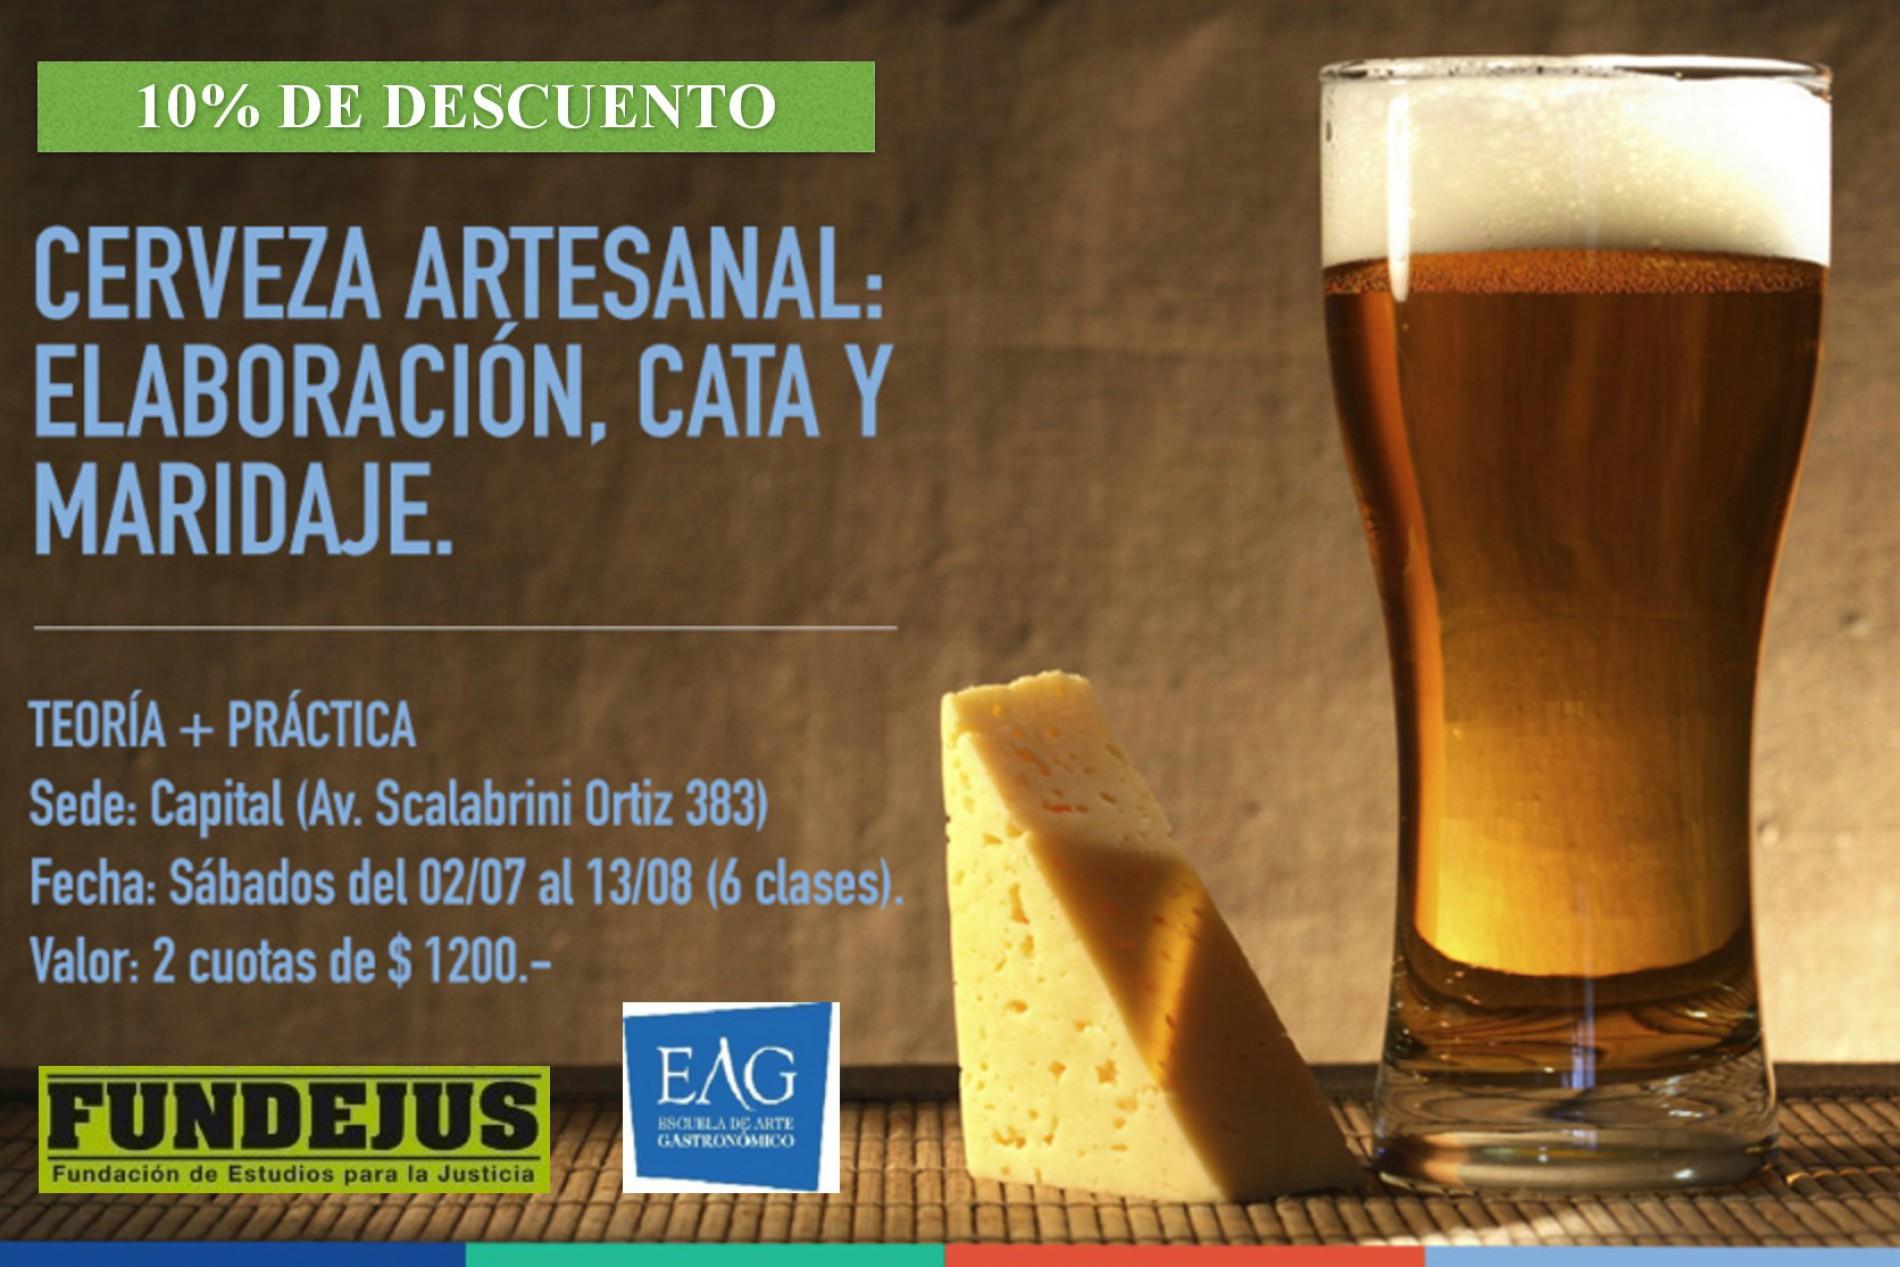 EAG -Escuela de Arte Gastronómico